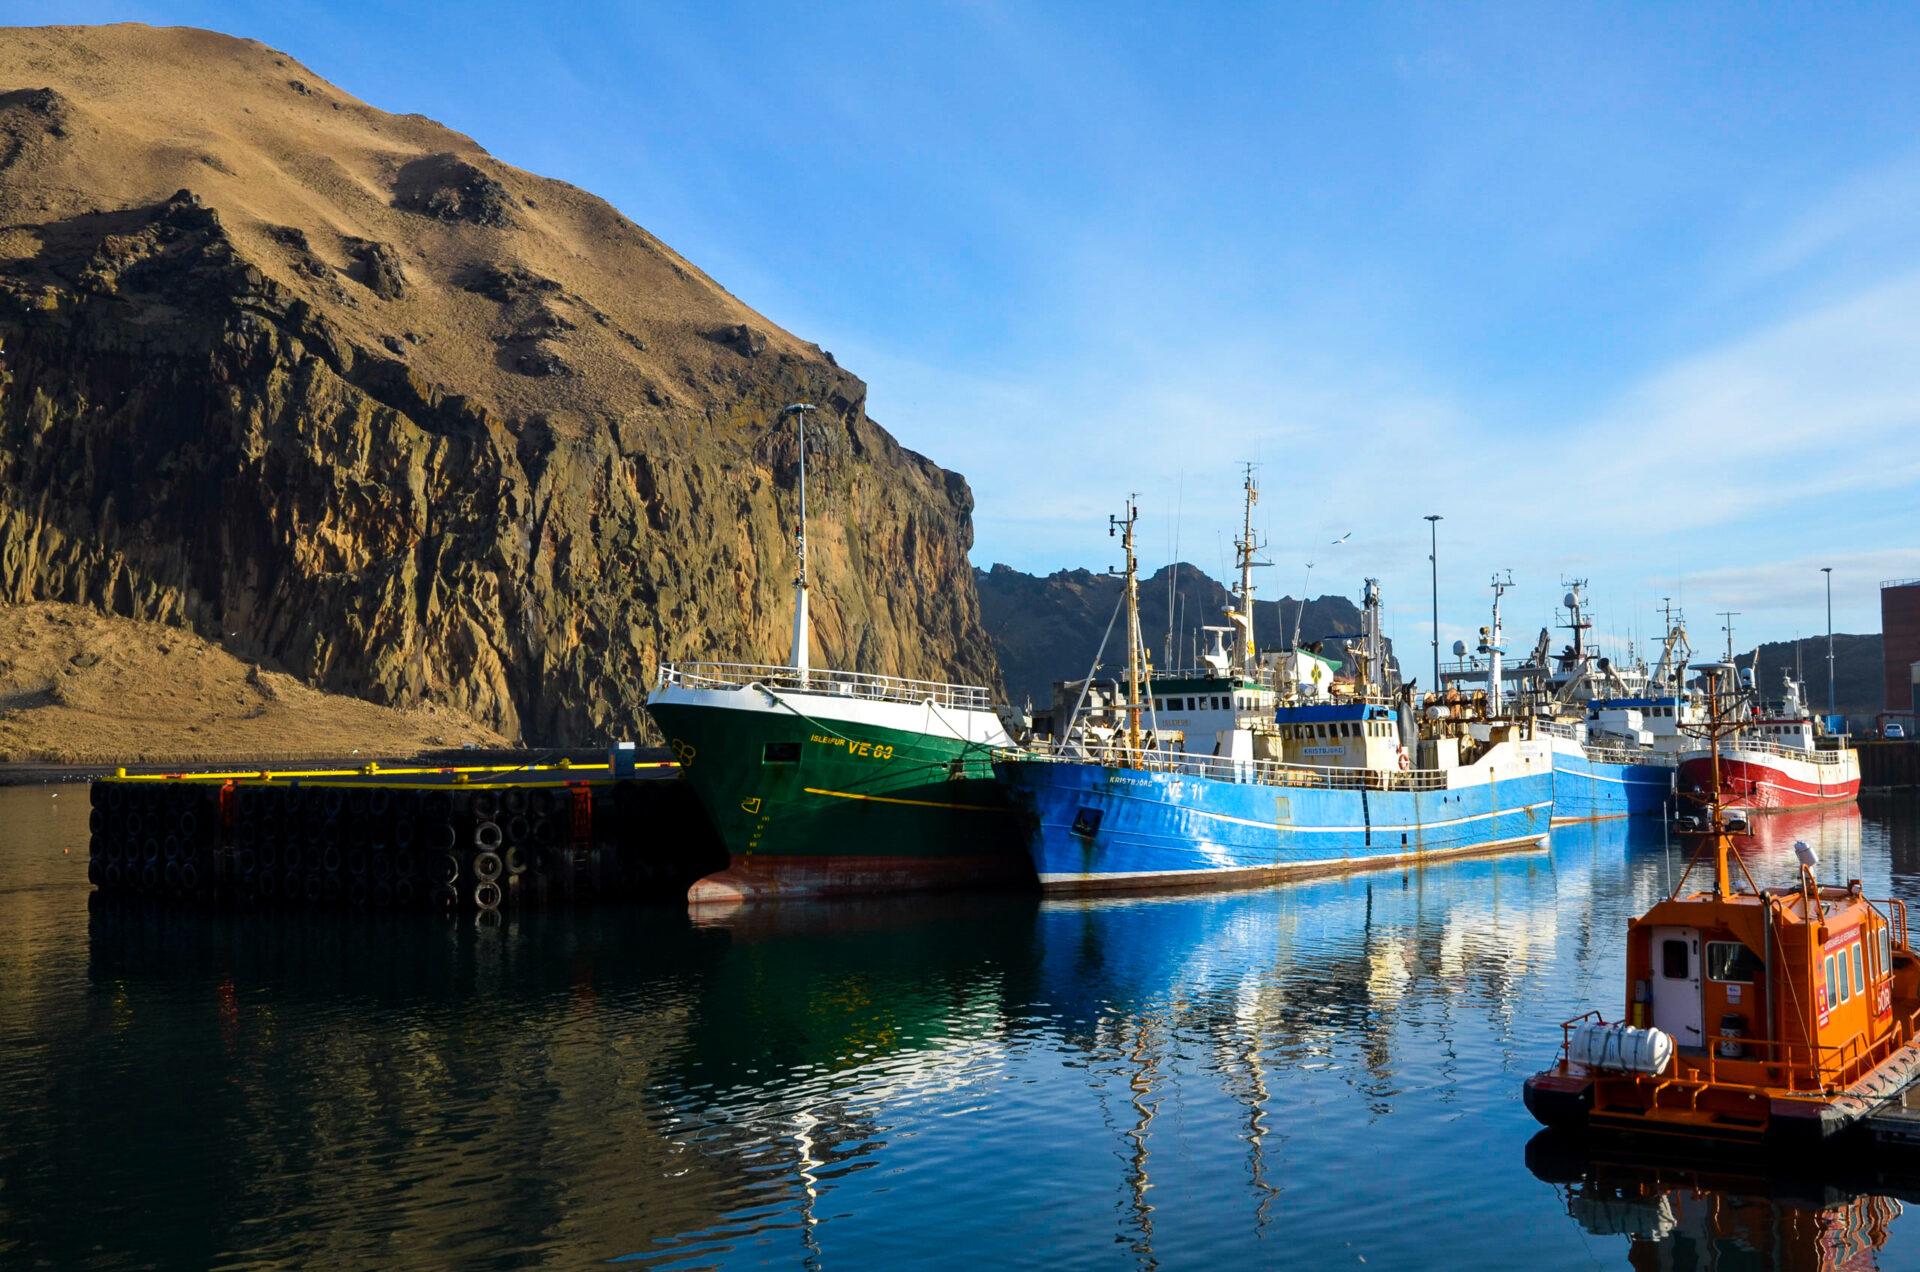 Úthafsfiskeldi við Vestmannaeyjar